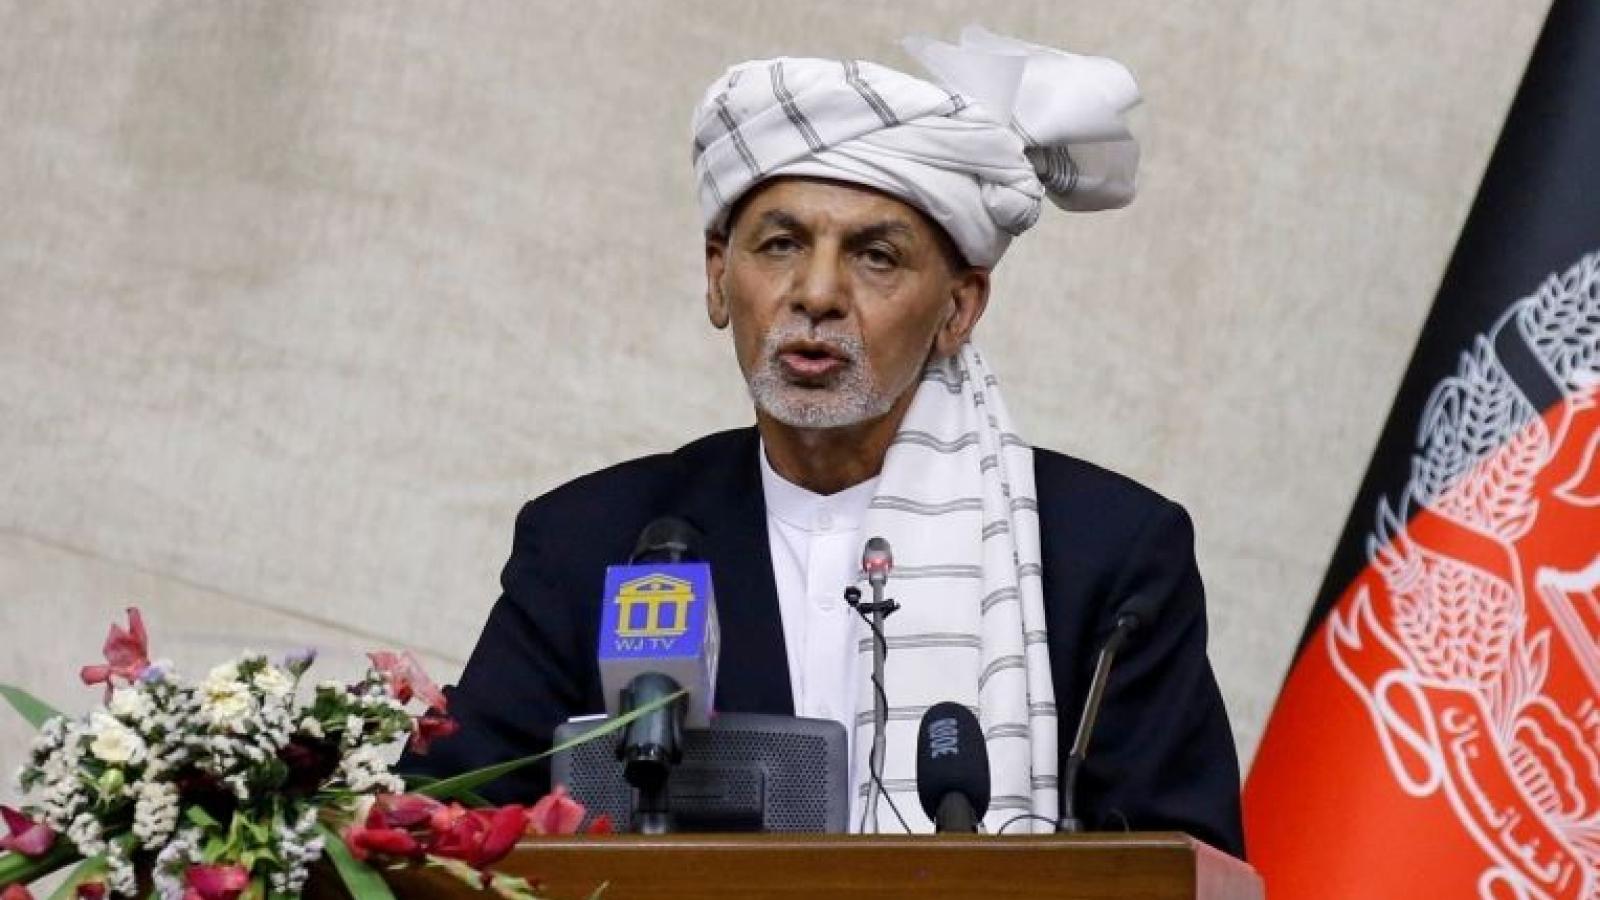 Tổng thống Ghani nêu điều kiện từ bỏ quyền lực trước khi rời Afghanistan